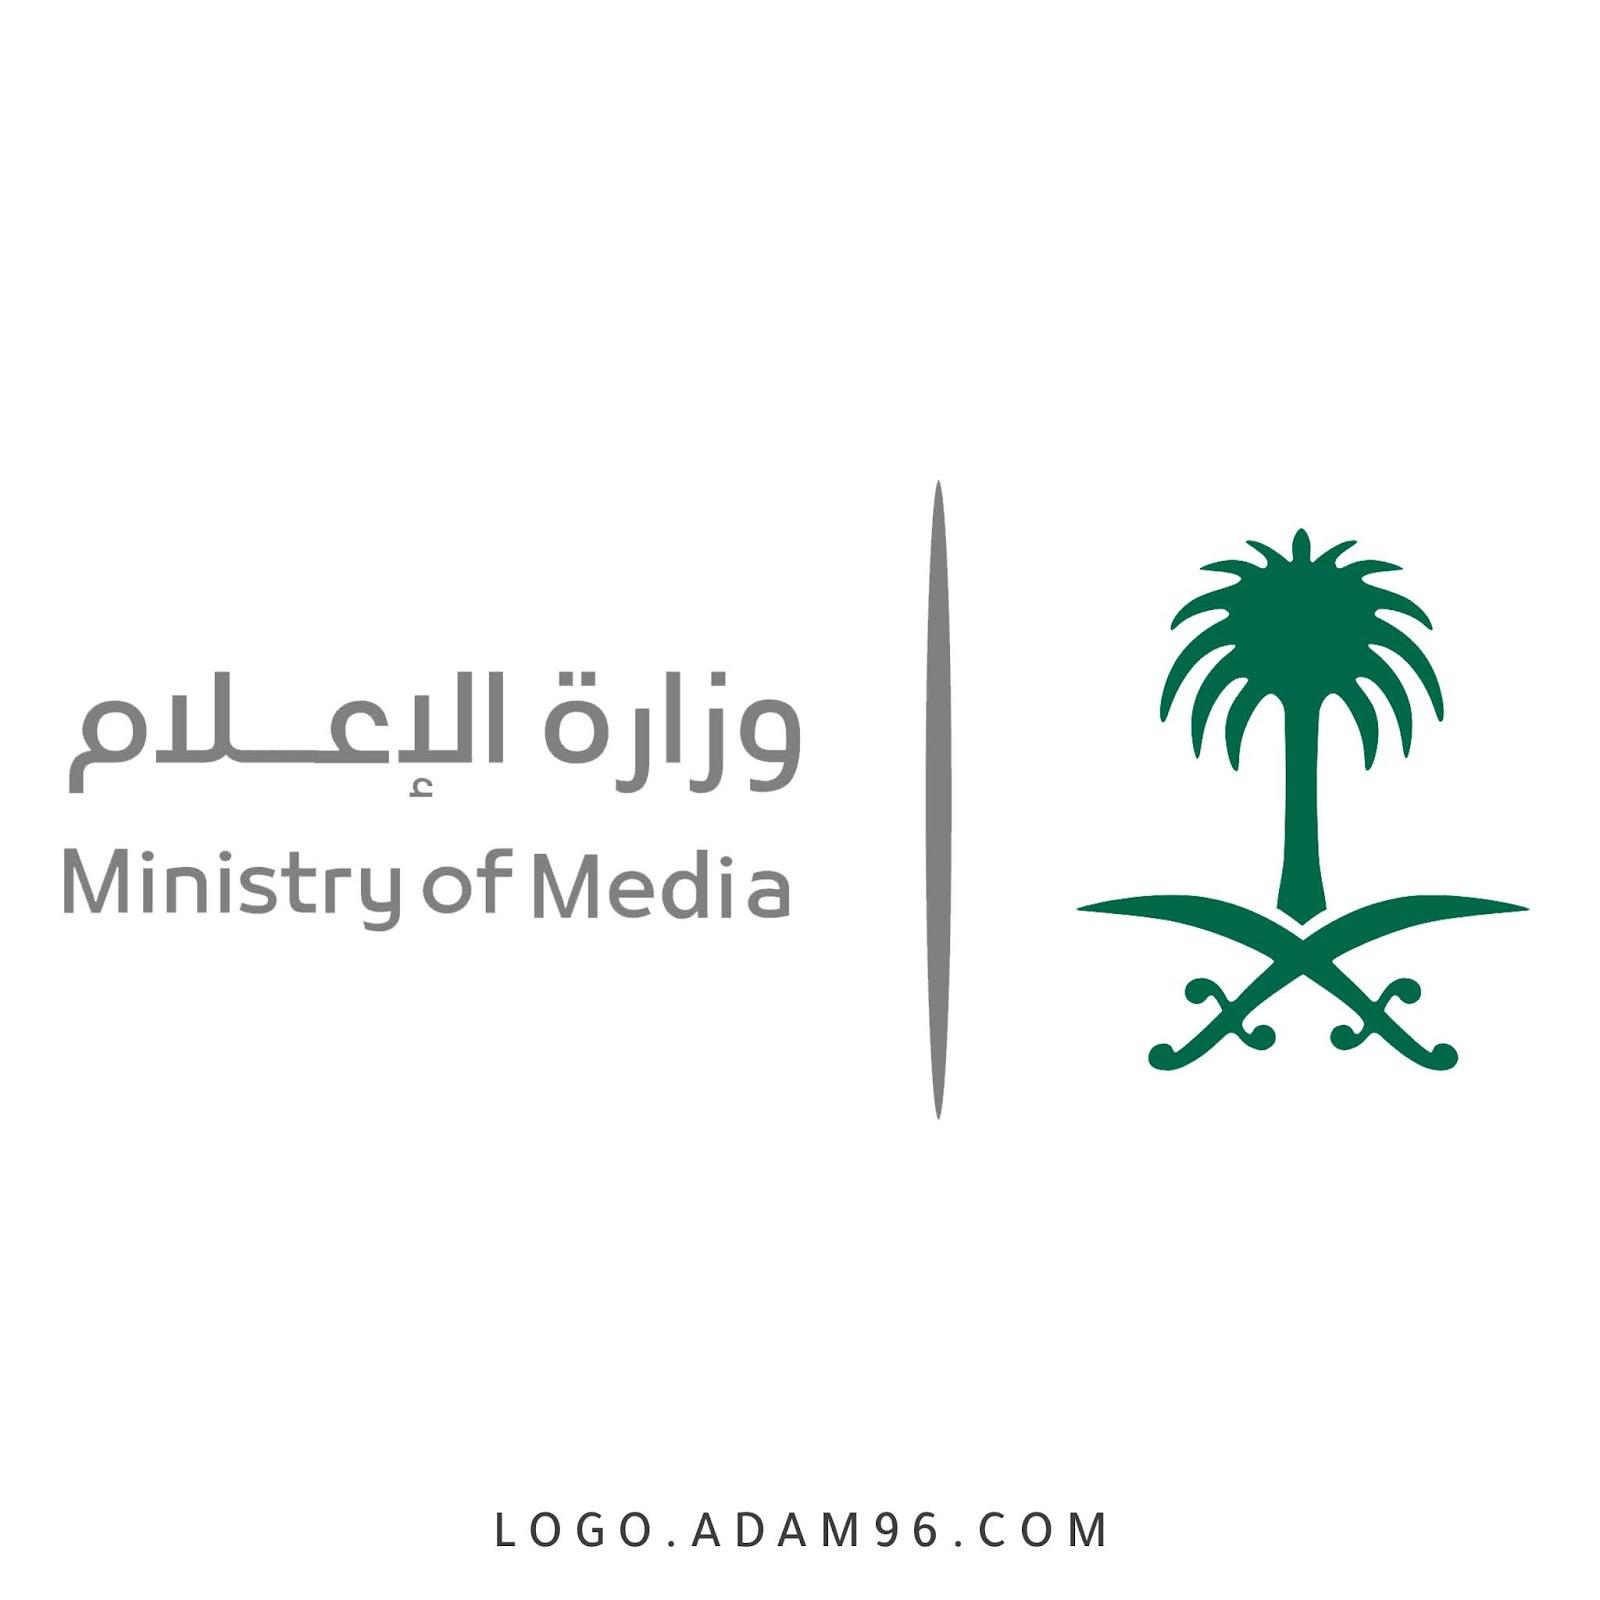 شعار وزارة الاعلام السعودي - Ministry of Media png